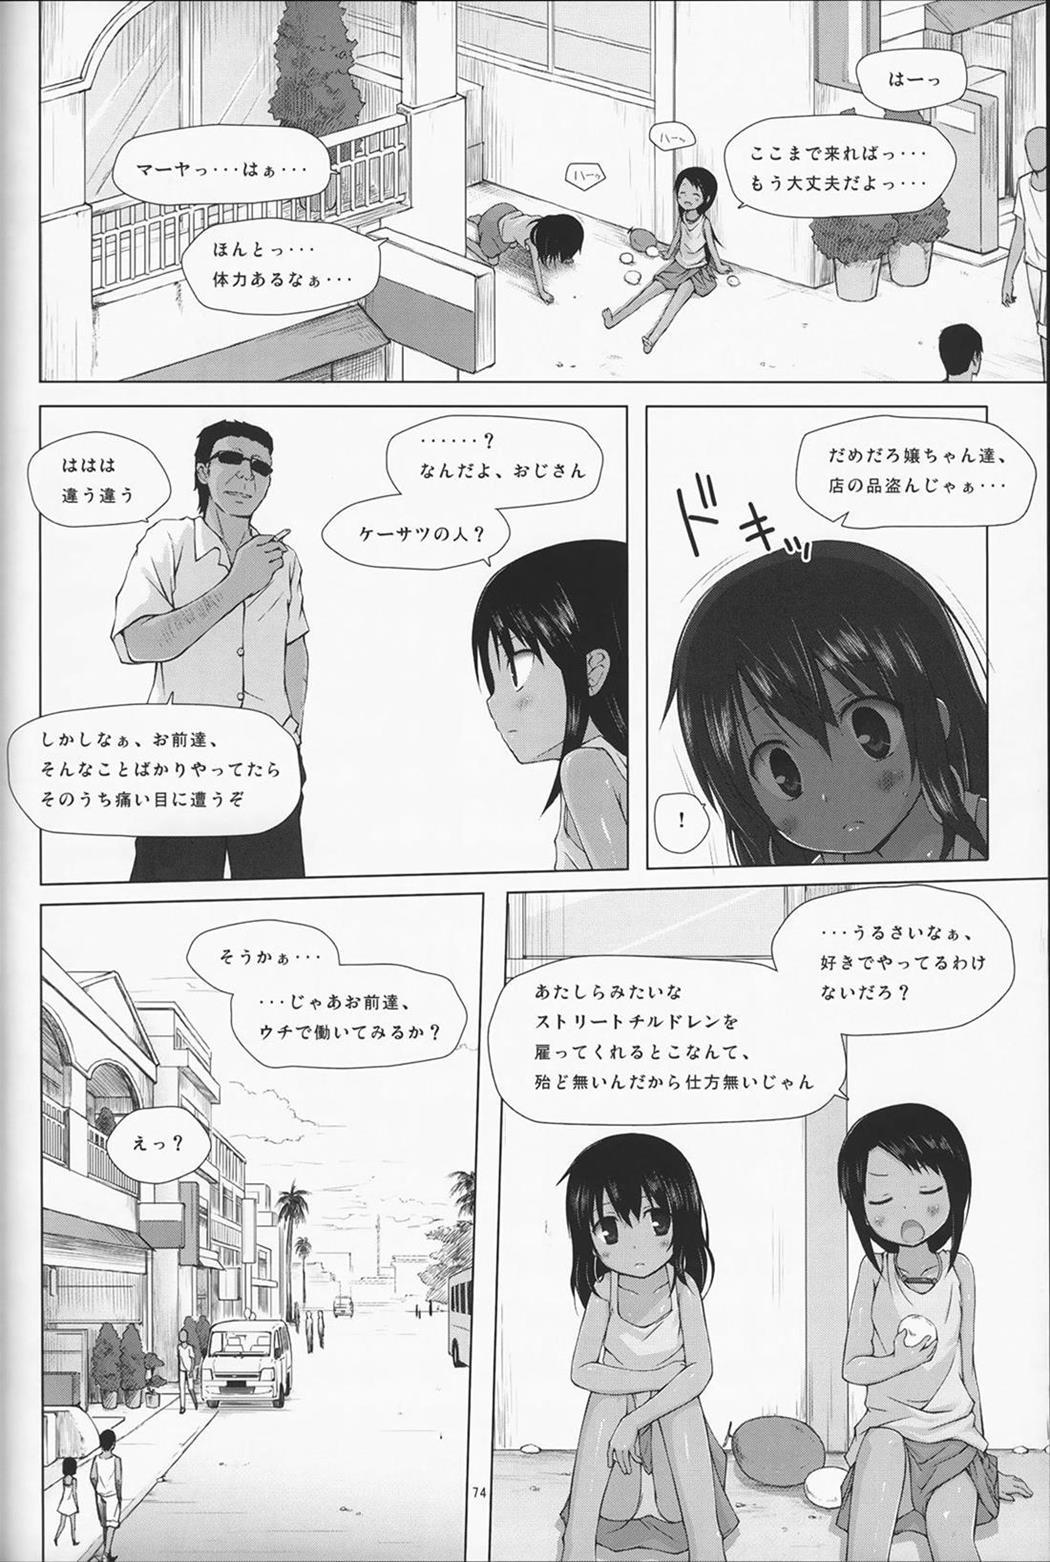 【エロ漫画・エロ同人誌】異国で父親に売られて売春する羽目になったロリ少女wひたすらお客とエッチしてる毎日を送ってたら日本人の男に助けられ日本に来てもセックス依存がぬけてないwww (74)